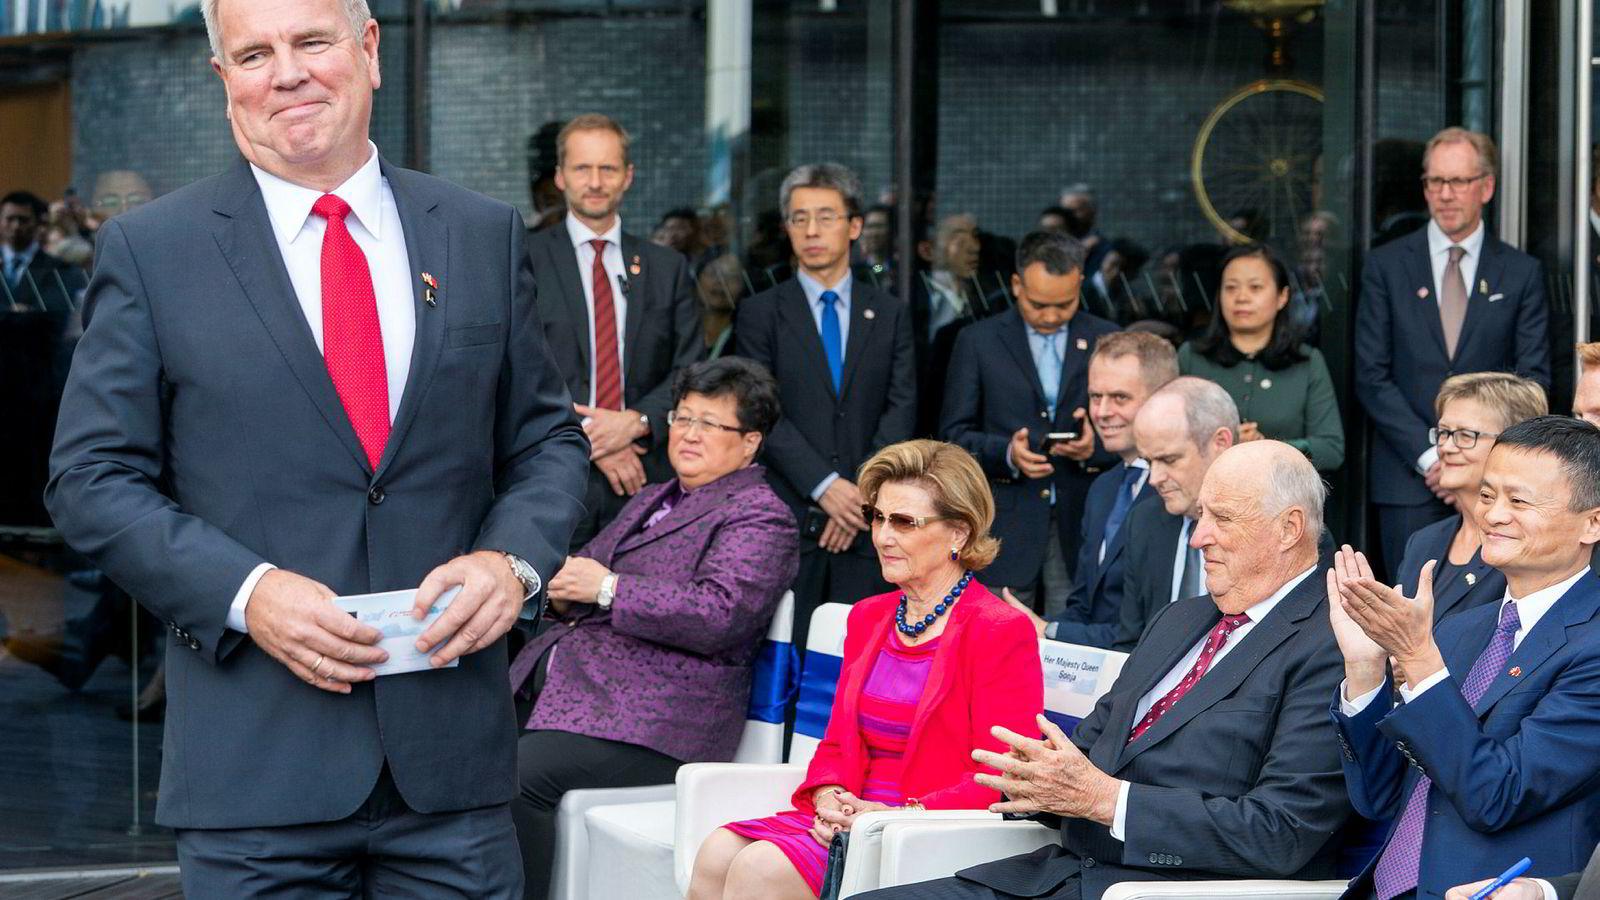 John Fredriksens oppdrettselskap Marine Harvest har inngått en avtale med gigantselskapet Alibaba og Jack Ma. Sammen skal de levere norsk laks direkte til kinesiske forbrukere. Her er Marine Harvest-styreleder Ole-Eirik Lerøy på vei til talerstolen under en åpningsseremoni i Shanghai torsdag. Bak sitter dronning Sonja, kong Harald og Alibaba grunnlegger og styreleder Jack Ma.